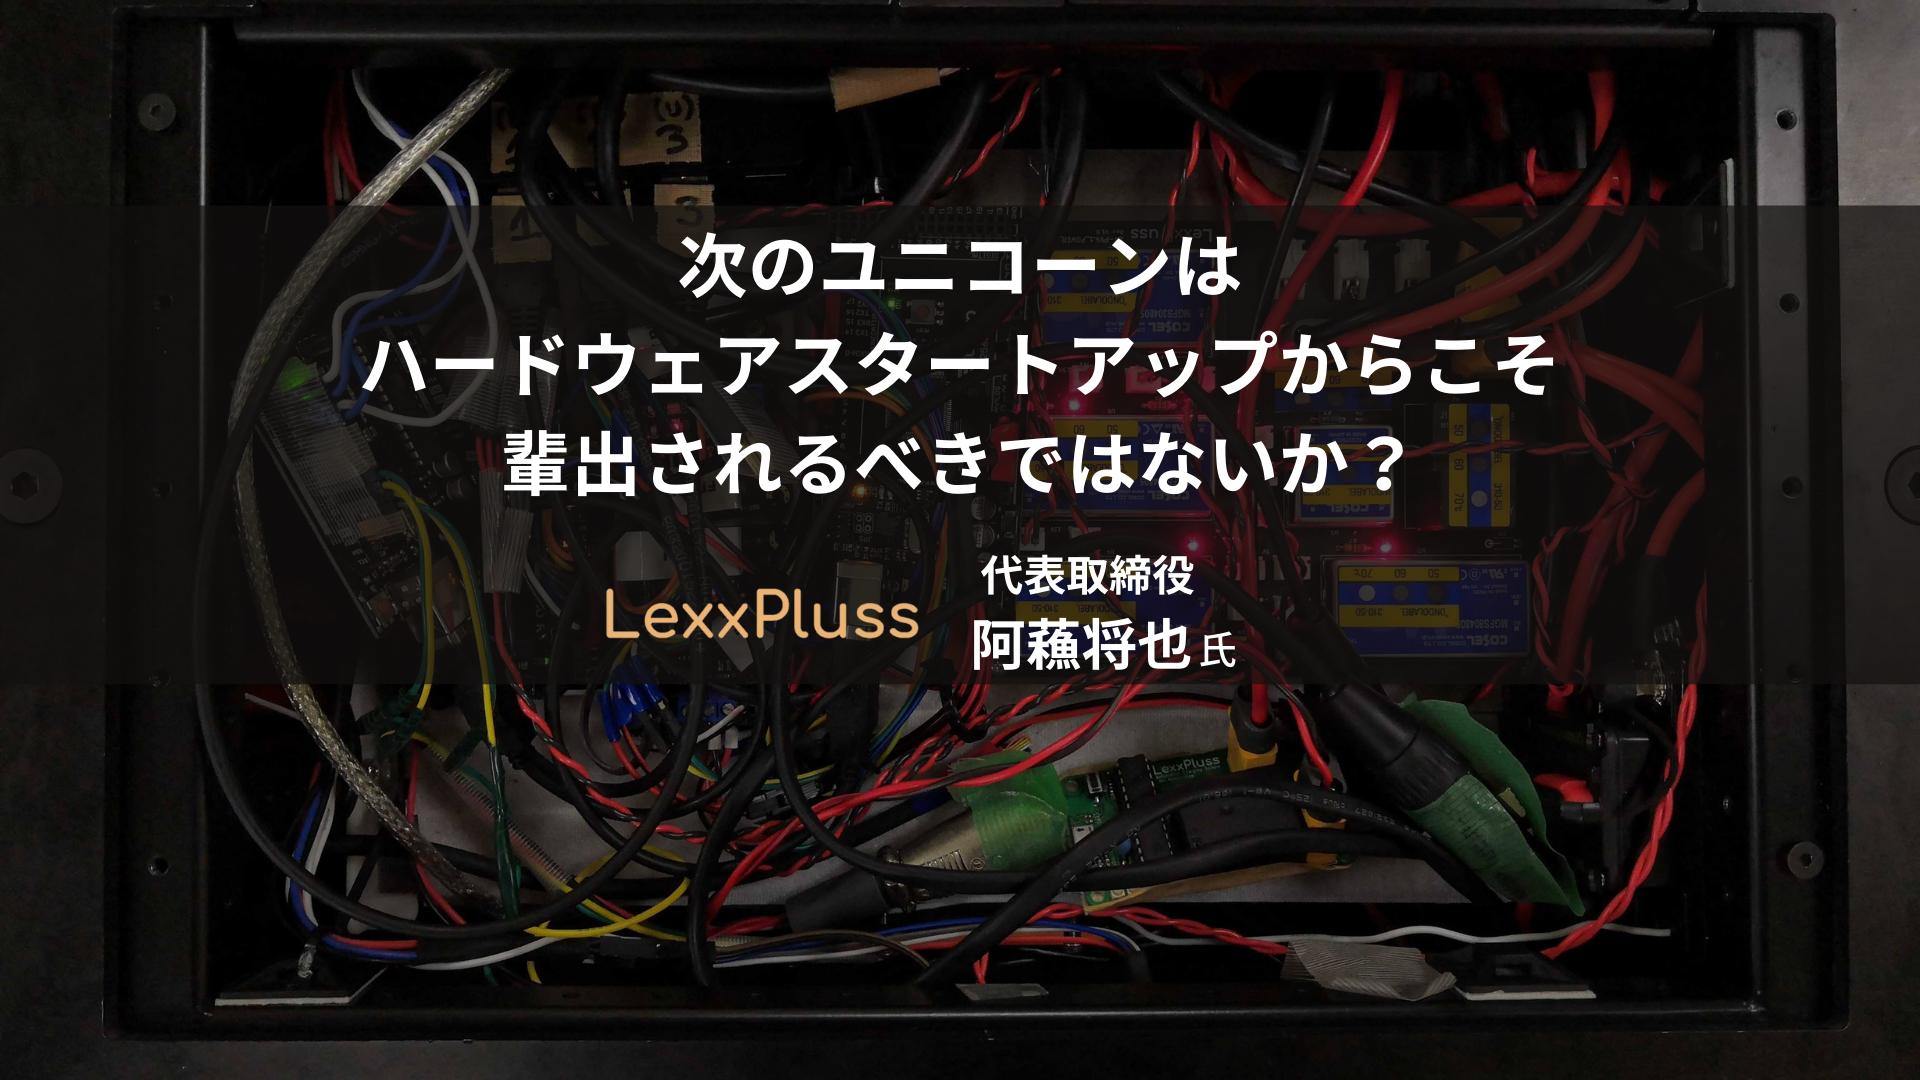 【LexxPluss/阿蘓将也】次のユニコーンはハードウェアスタートアップからこそ輩出されるべきではないか?